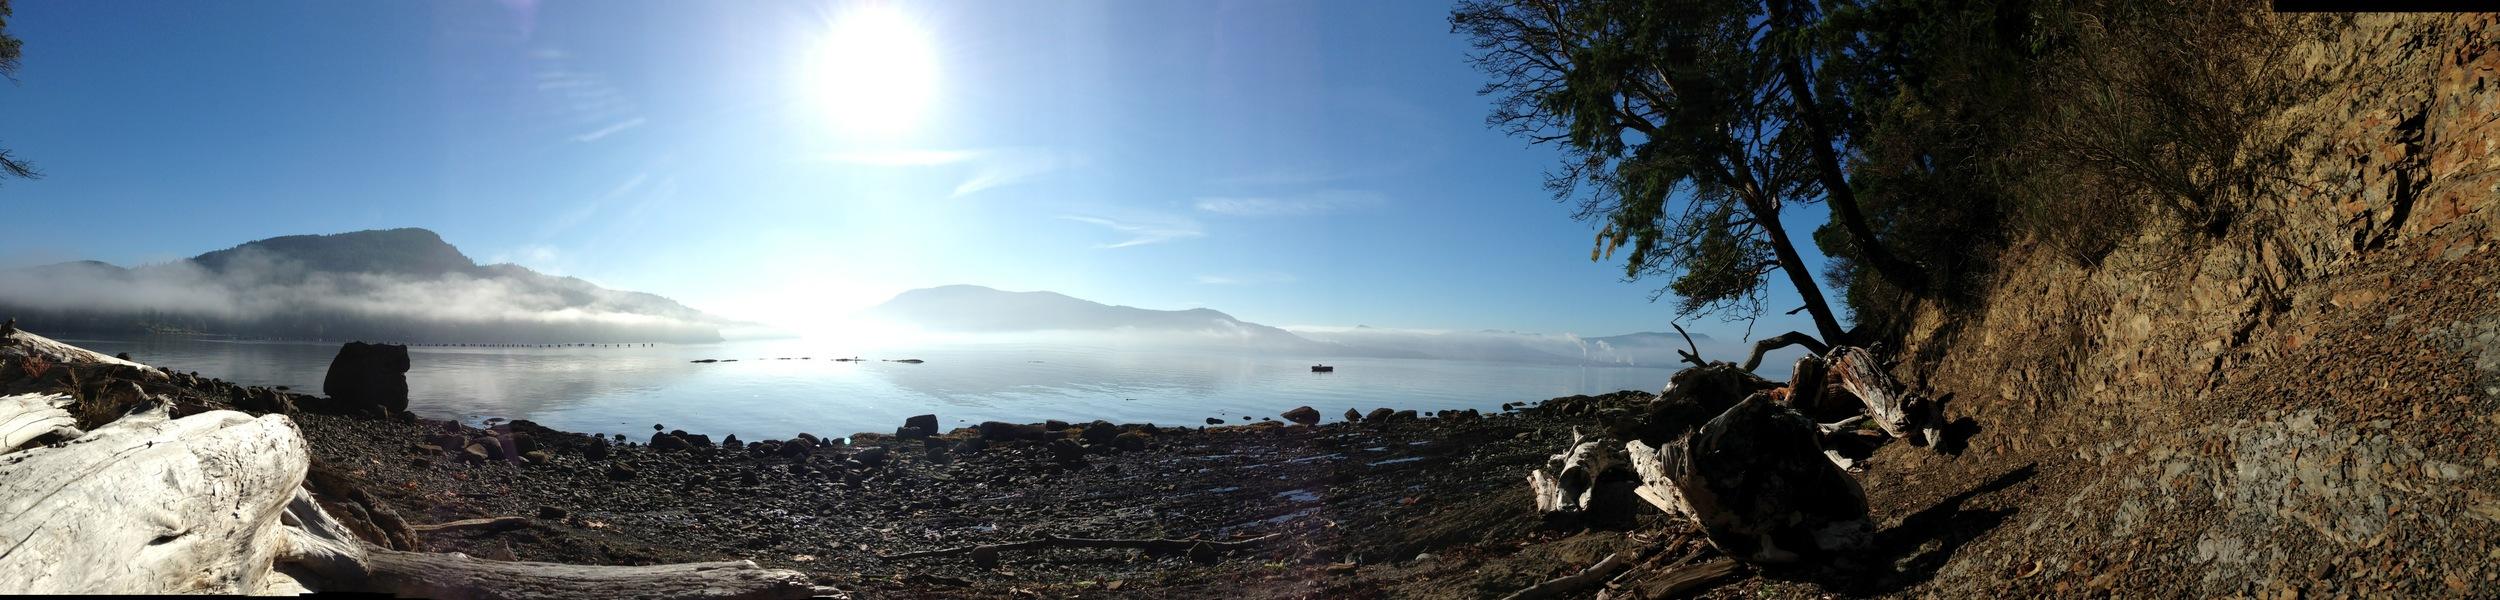 My beach - panorama